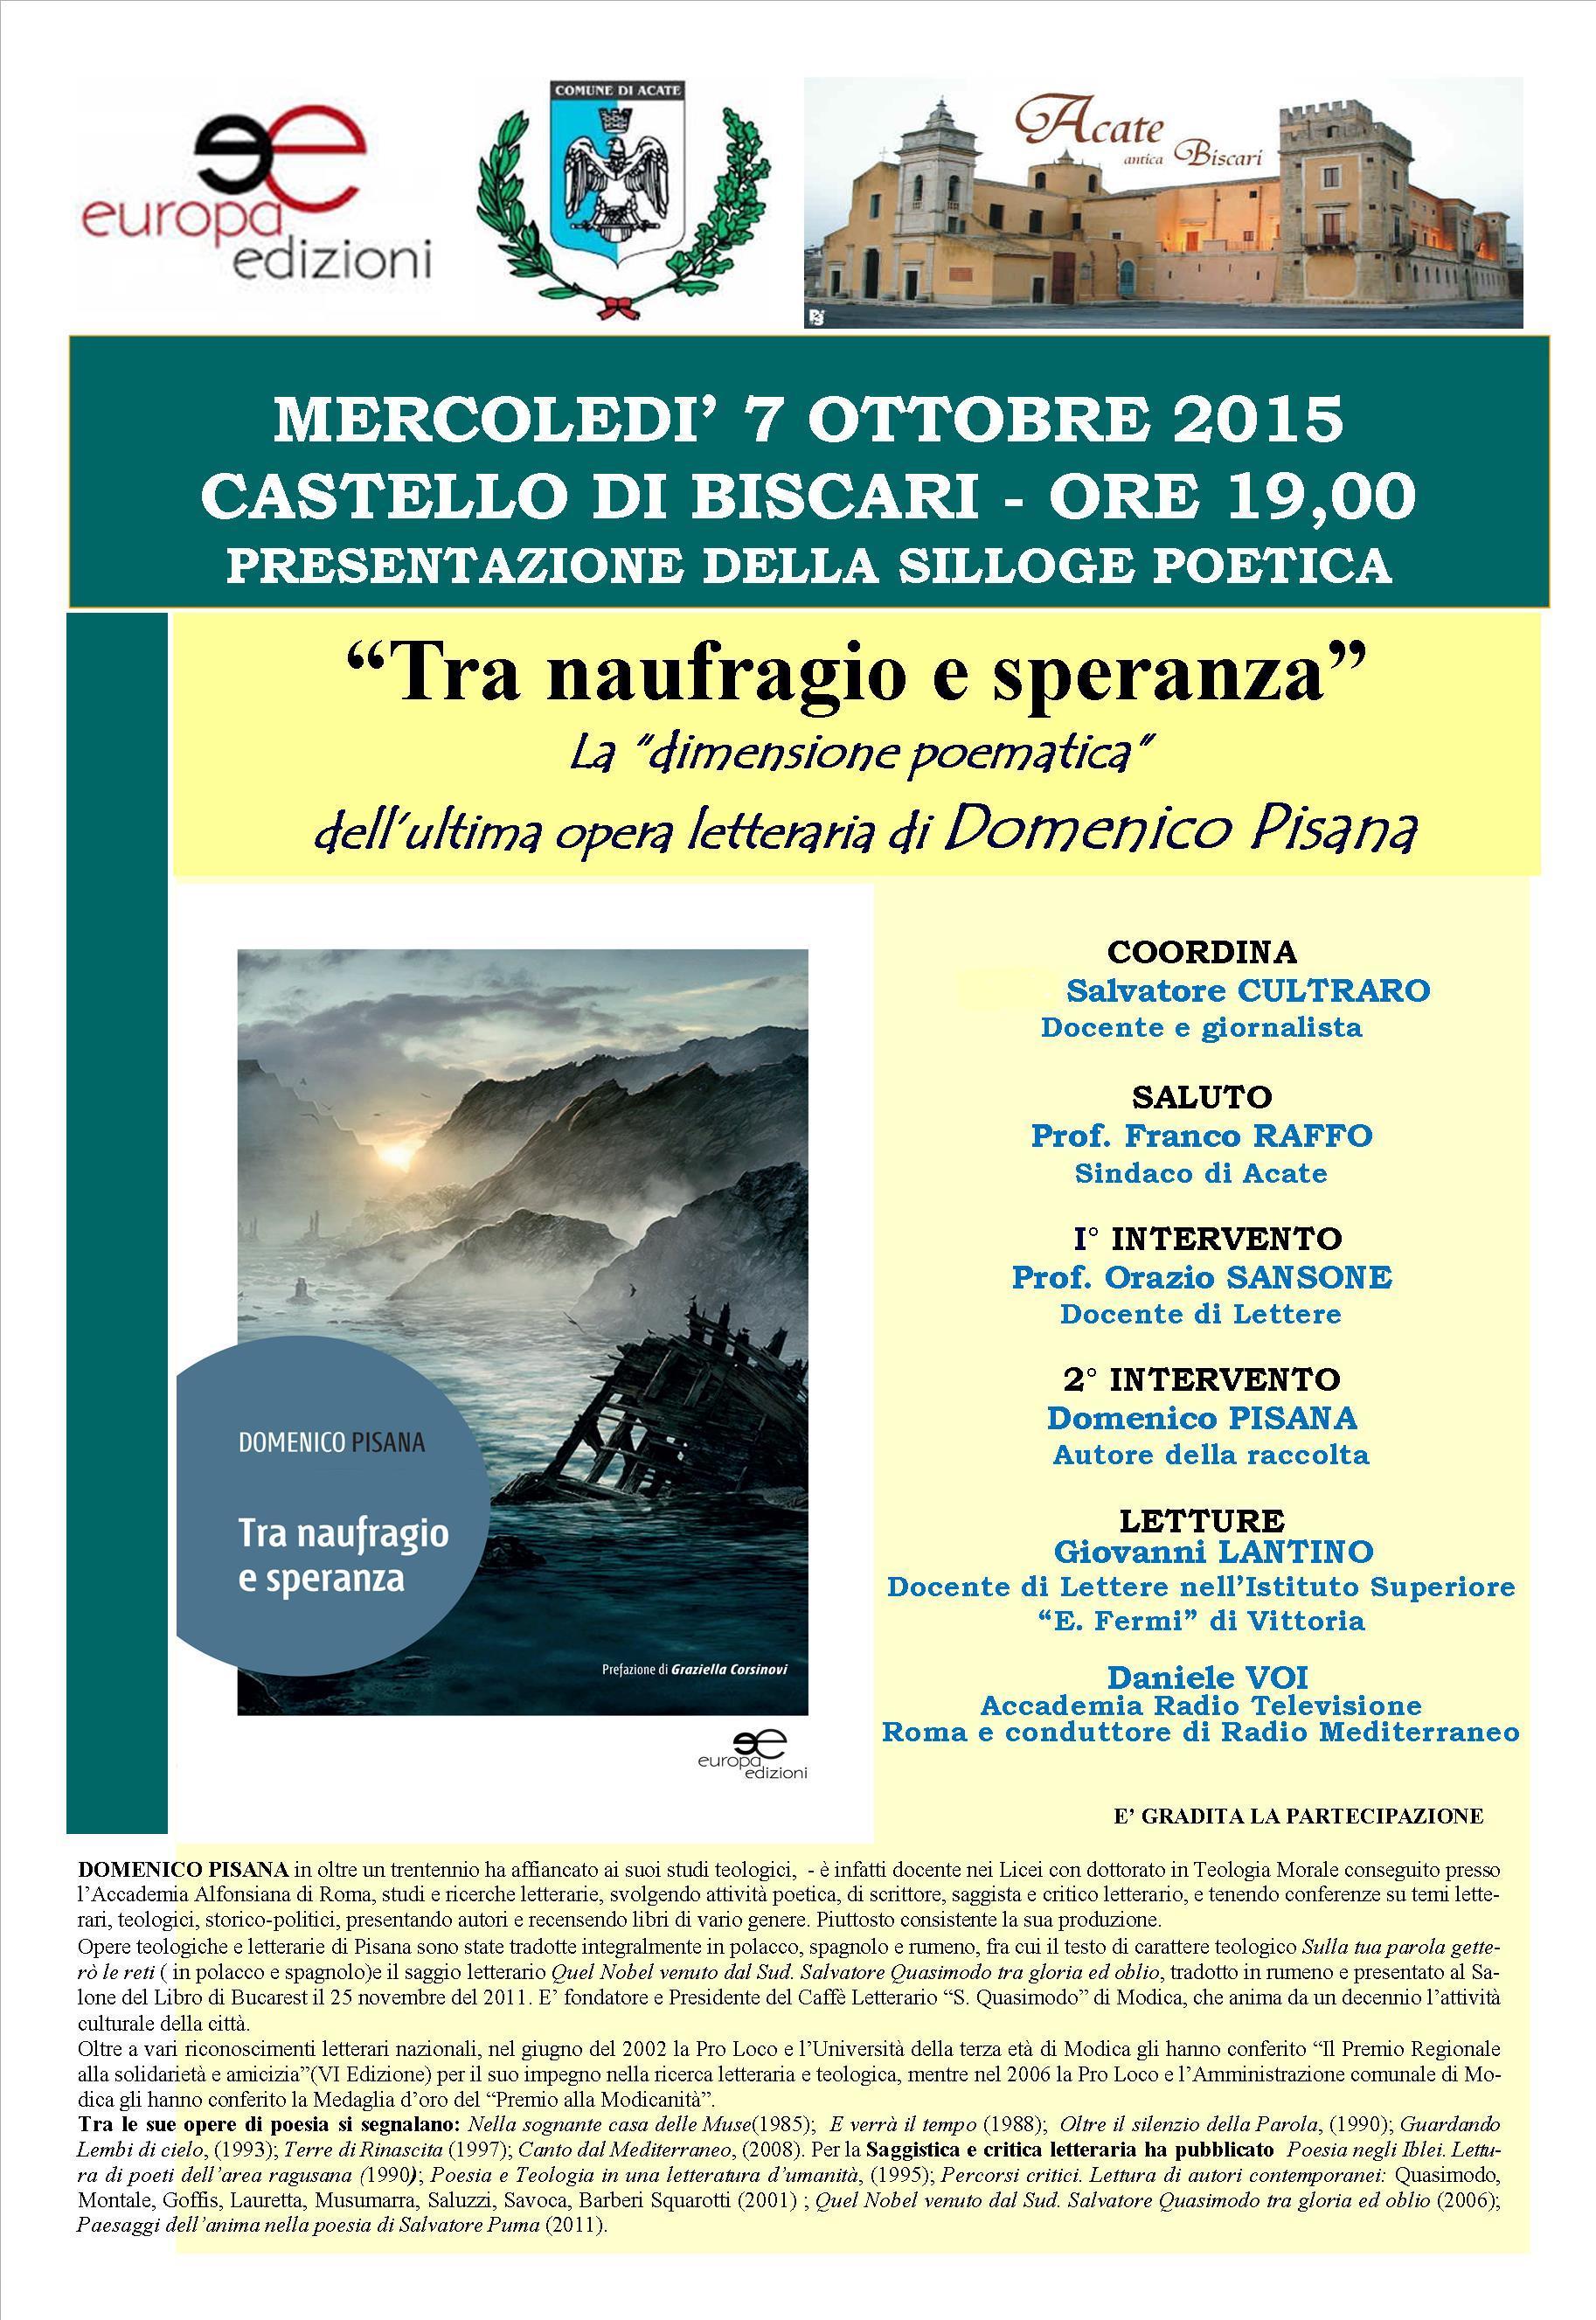 """Acate. """"Tra naufragio e speranza"""" di Domenico Pisana, mercoledì 7 ottobre al Castello dei Principi di Biscari."""